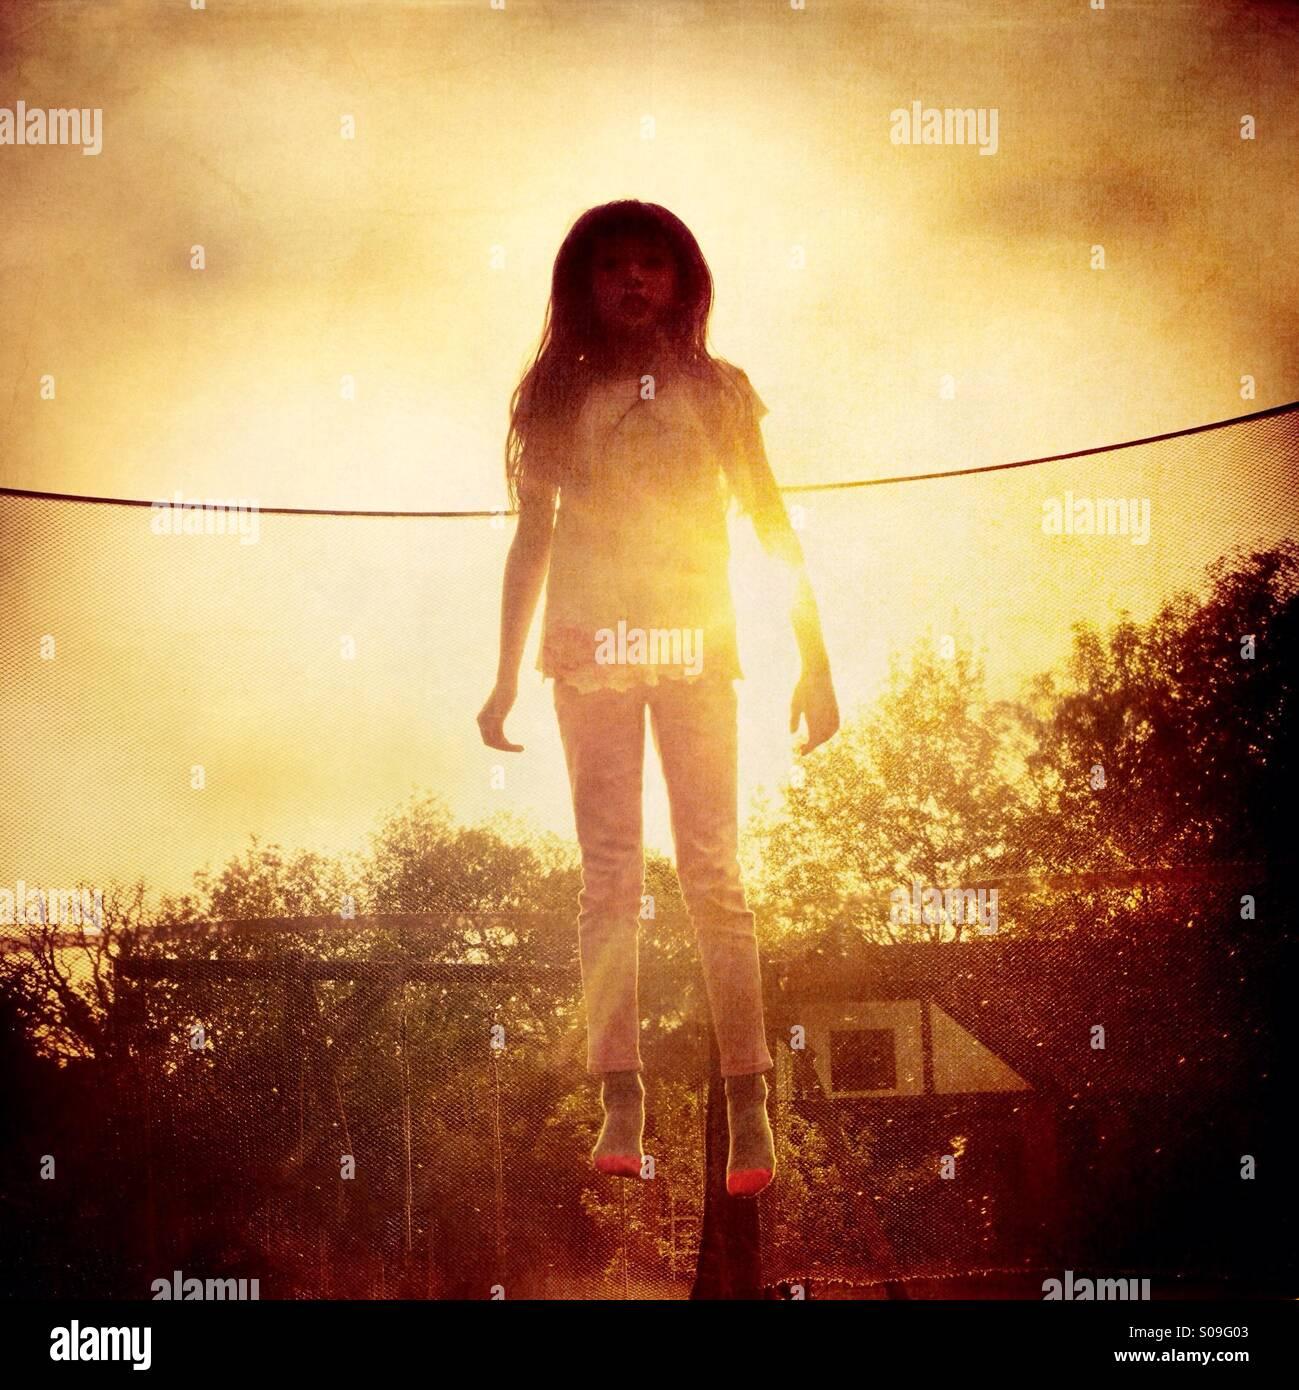 Angel - ein junges Mädchen springen auf einem Trampolin gegen die Sonne Stockbild